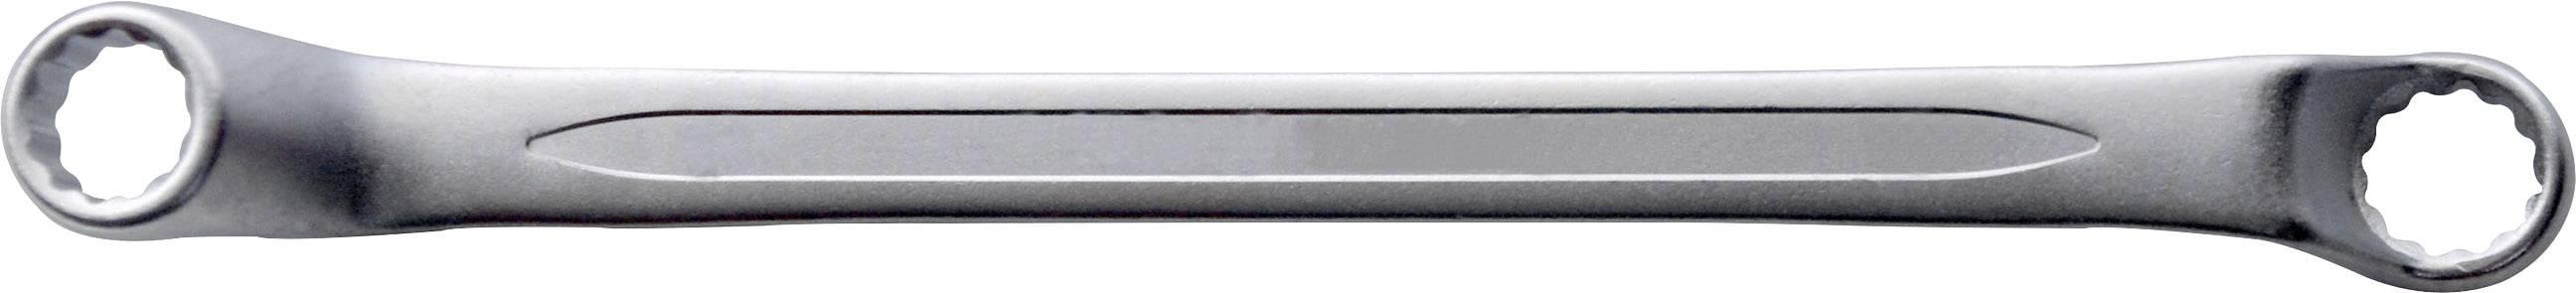 Obojstranný očkový kľúč TOOLCRAFT 820850, 10 - 11 mm, N/A